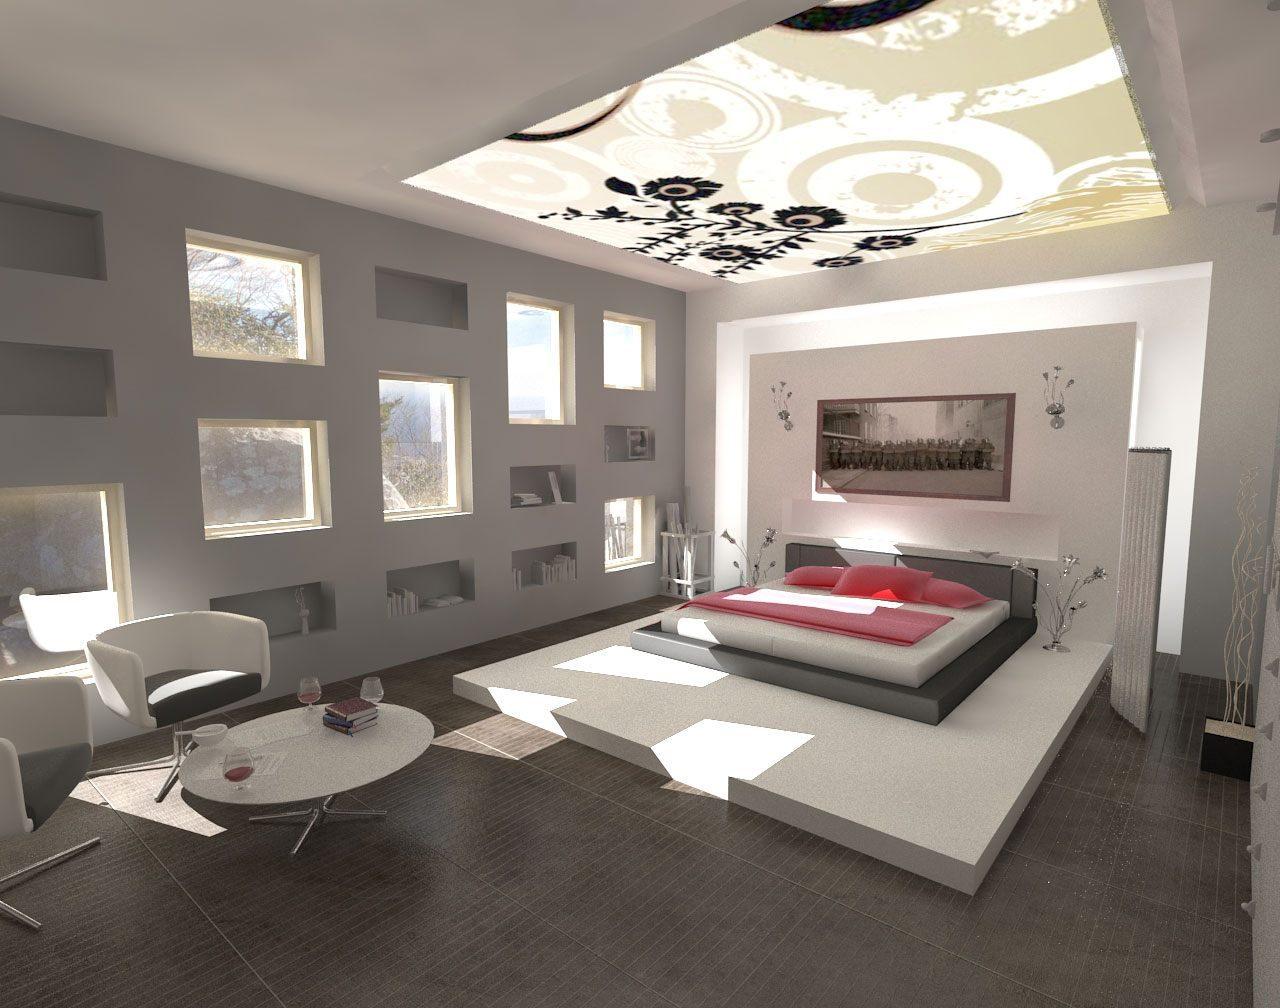 habitaciones modernas im genes y fotos